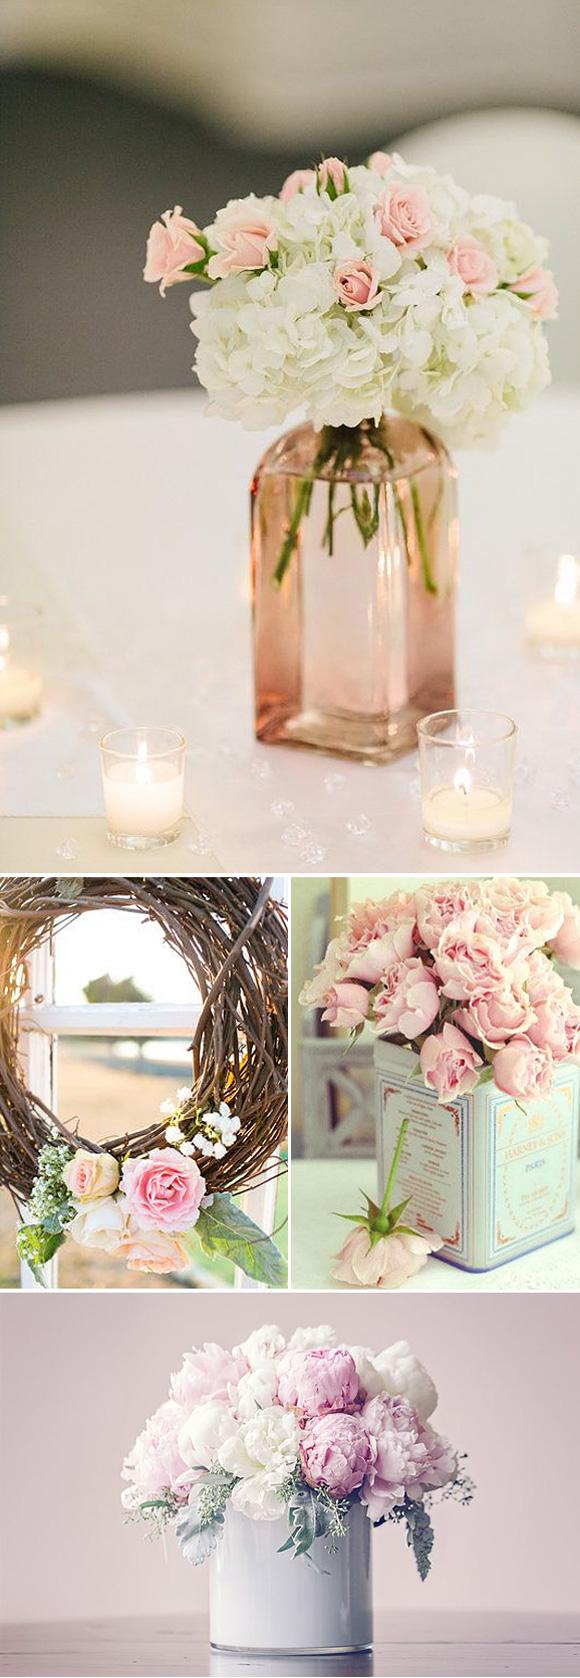 Centros de mesa para boda 2019 sencillos elegantes y - Centros de mesa bautizo economicos ...